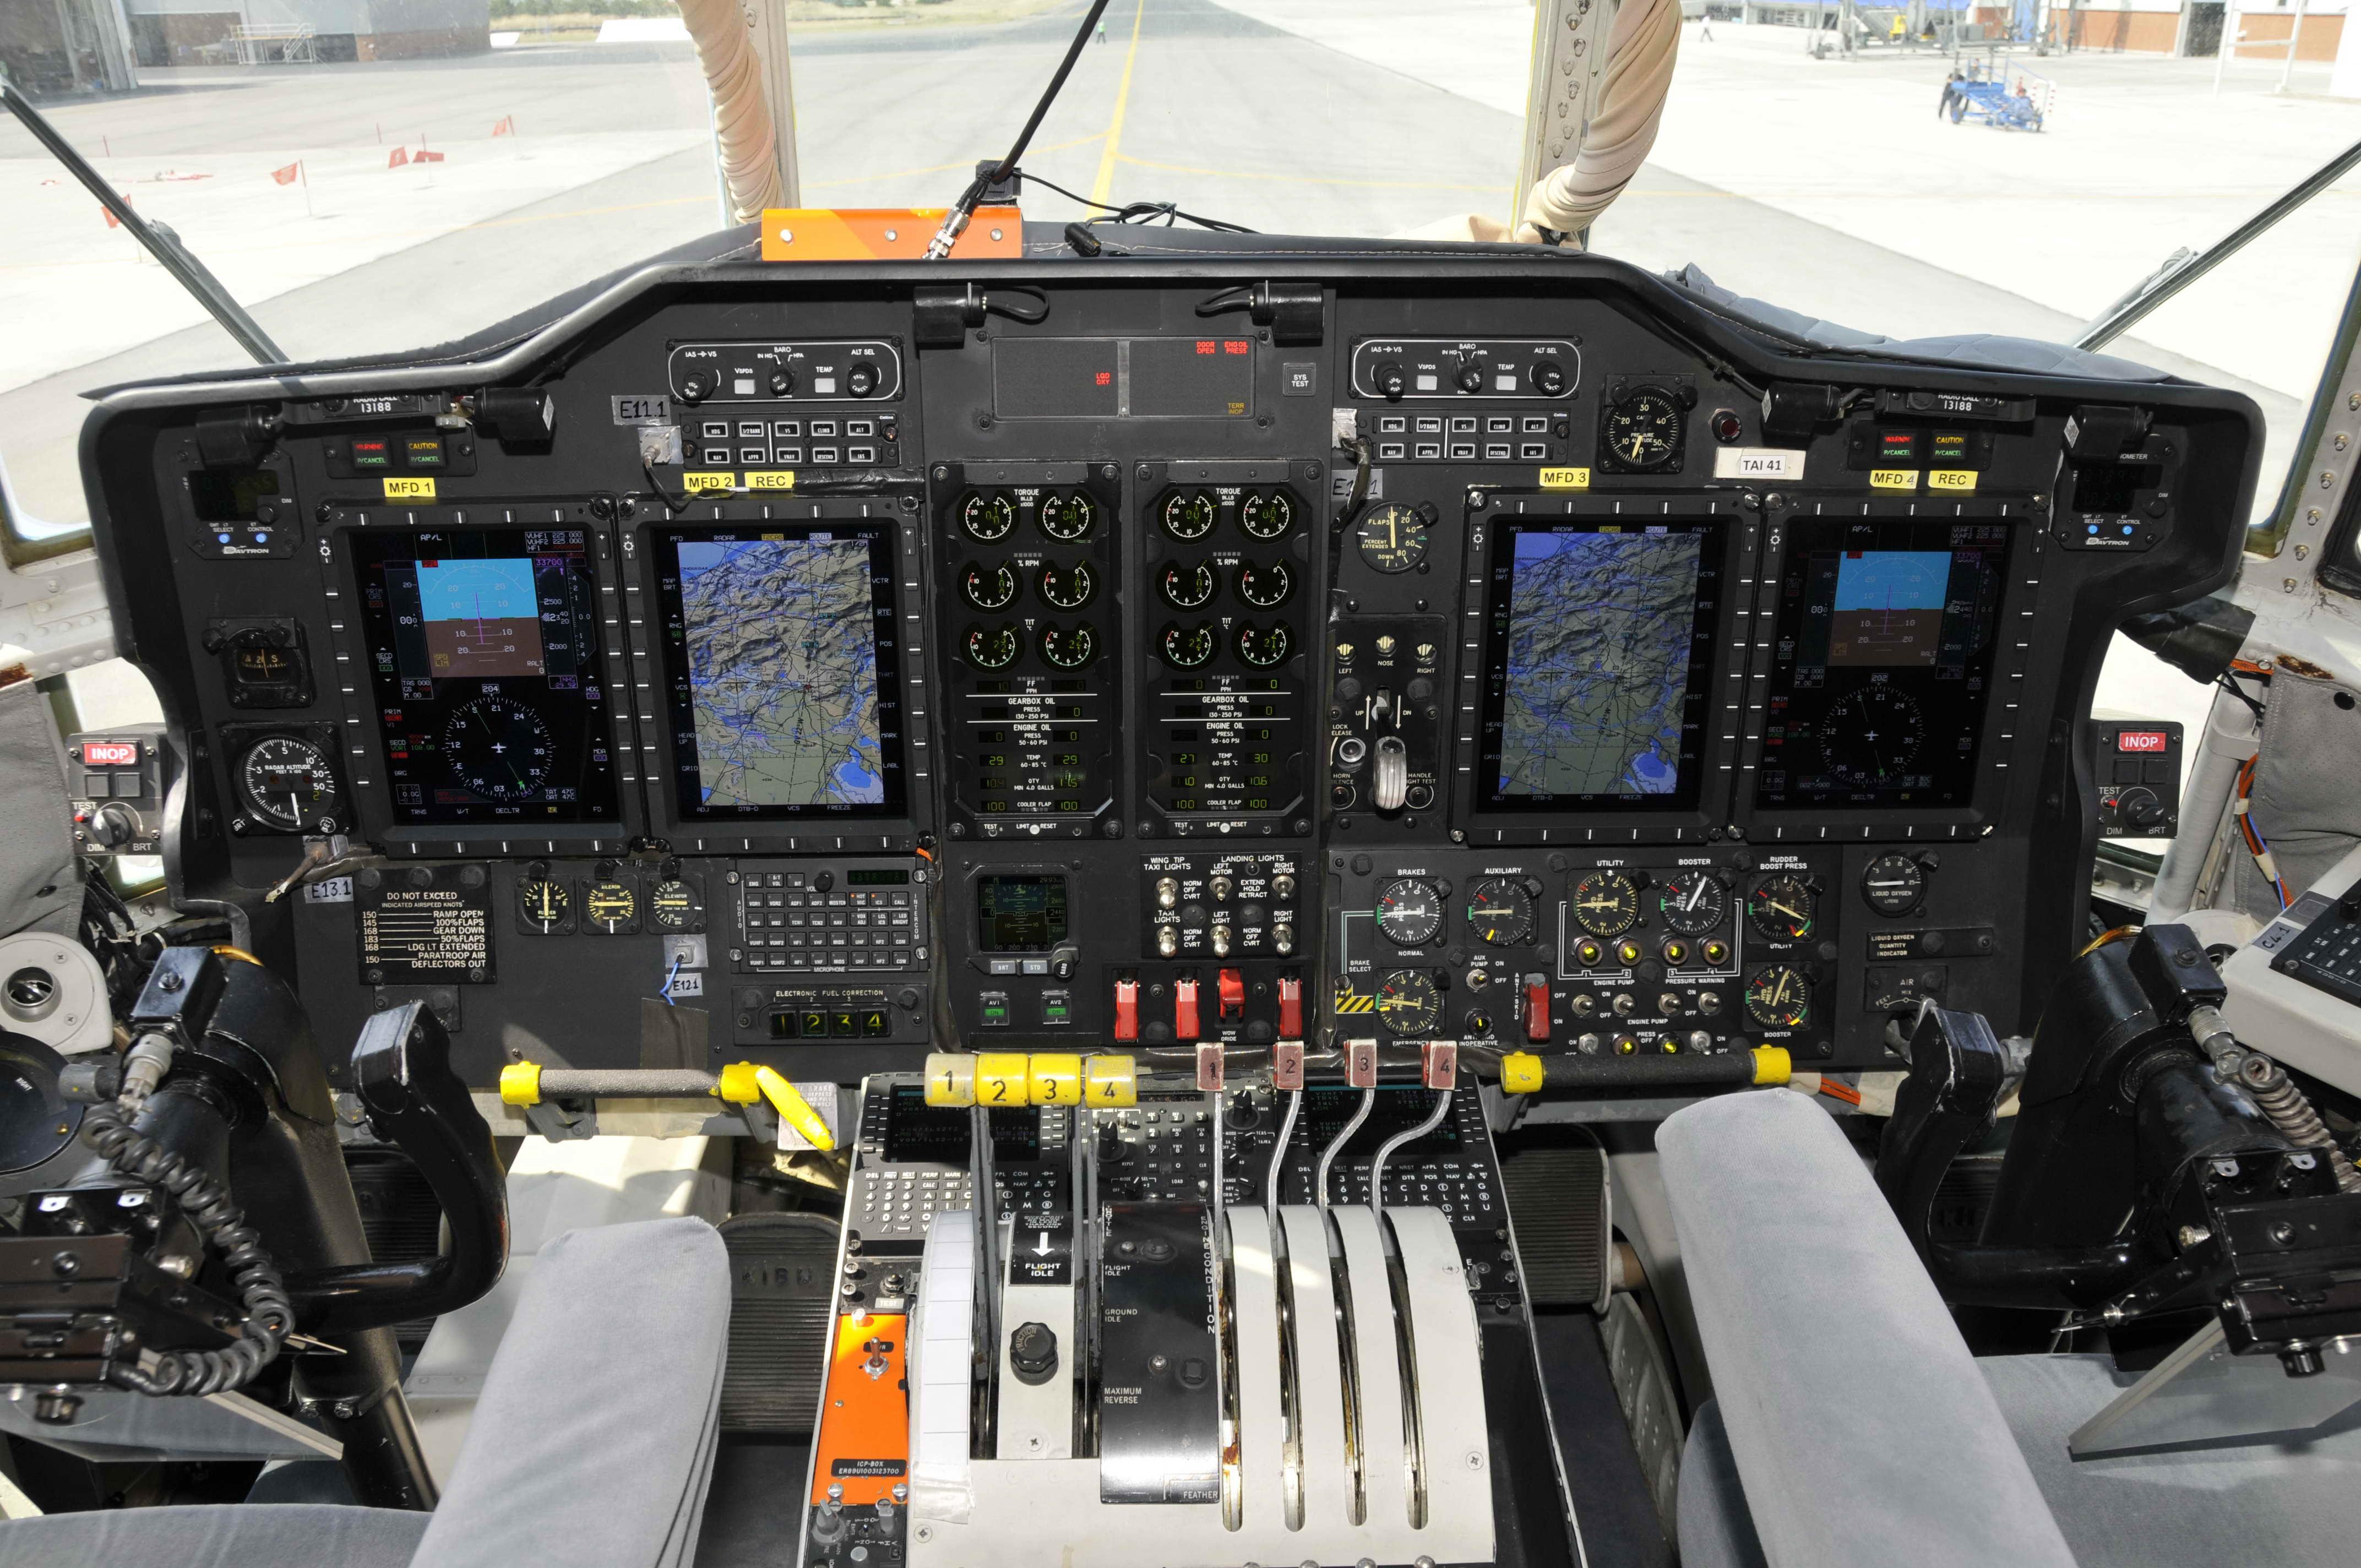 TUSAŞ, ERCİYES Projesinde 7 Uçağın Modernizasyonunu Tamamladı